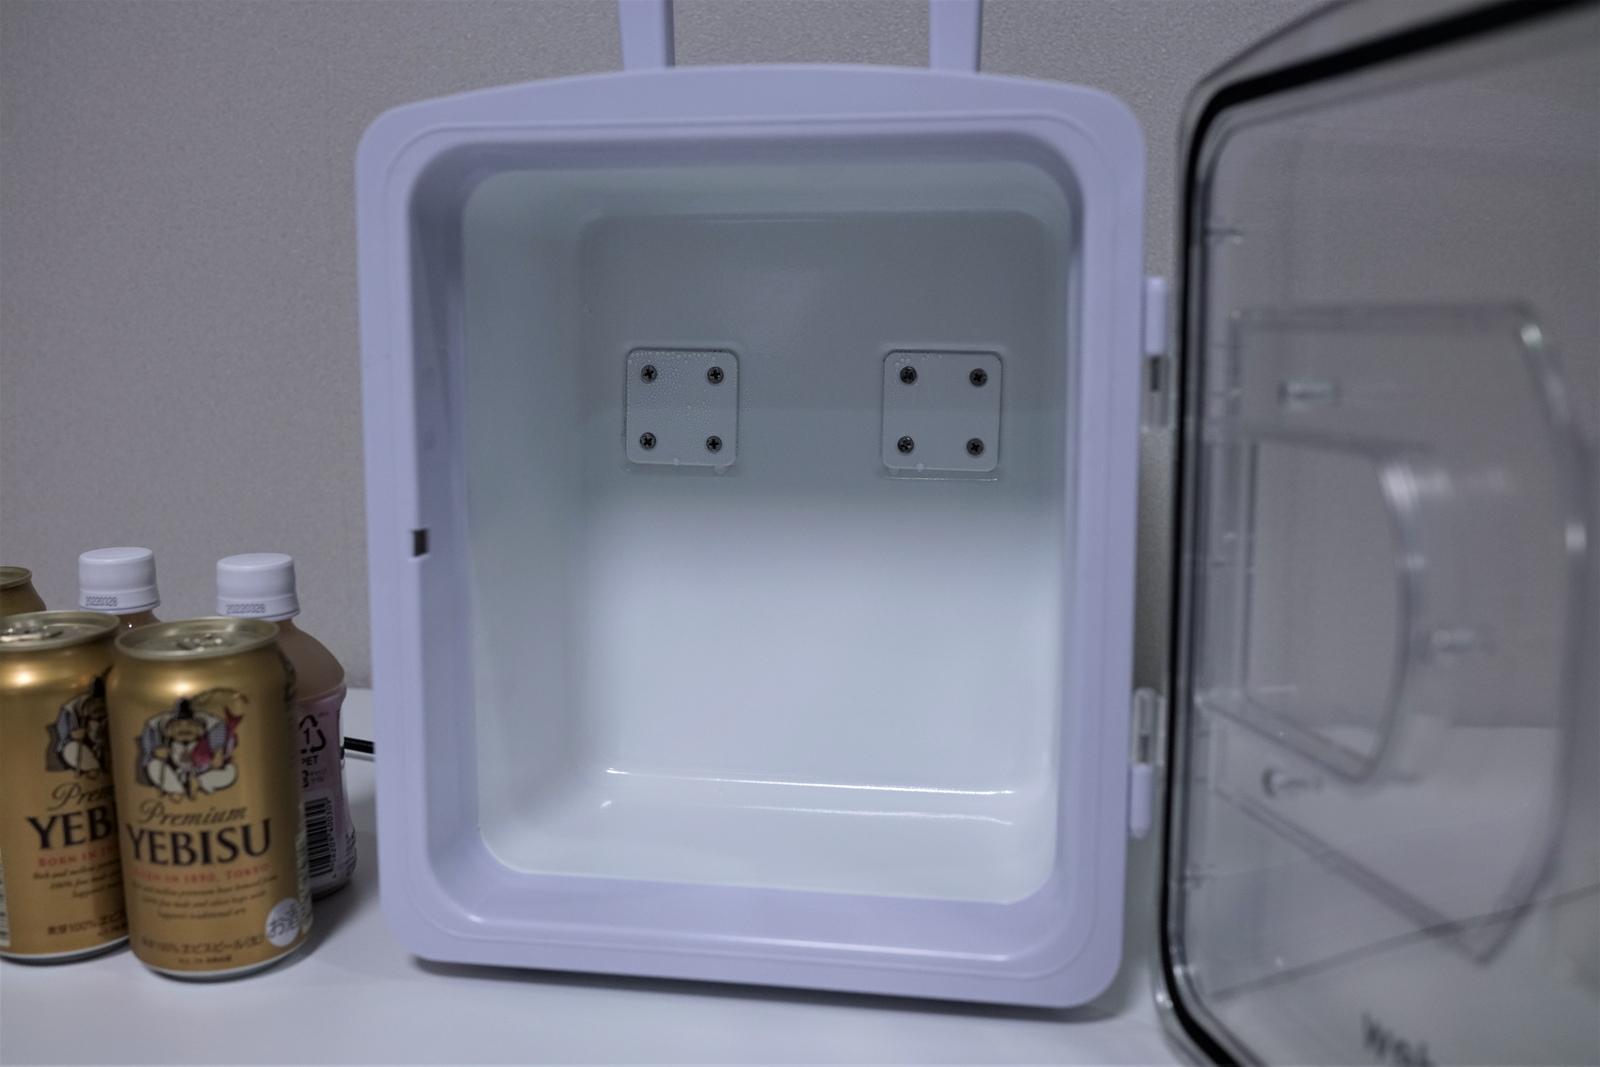 Audewポータブルコンパクトパーソナル冷蔵庫レビュー